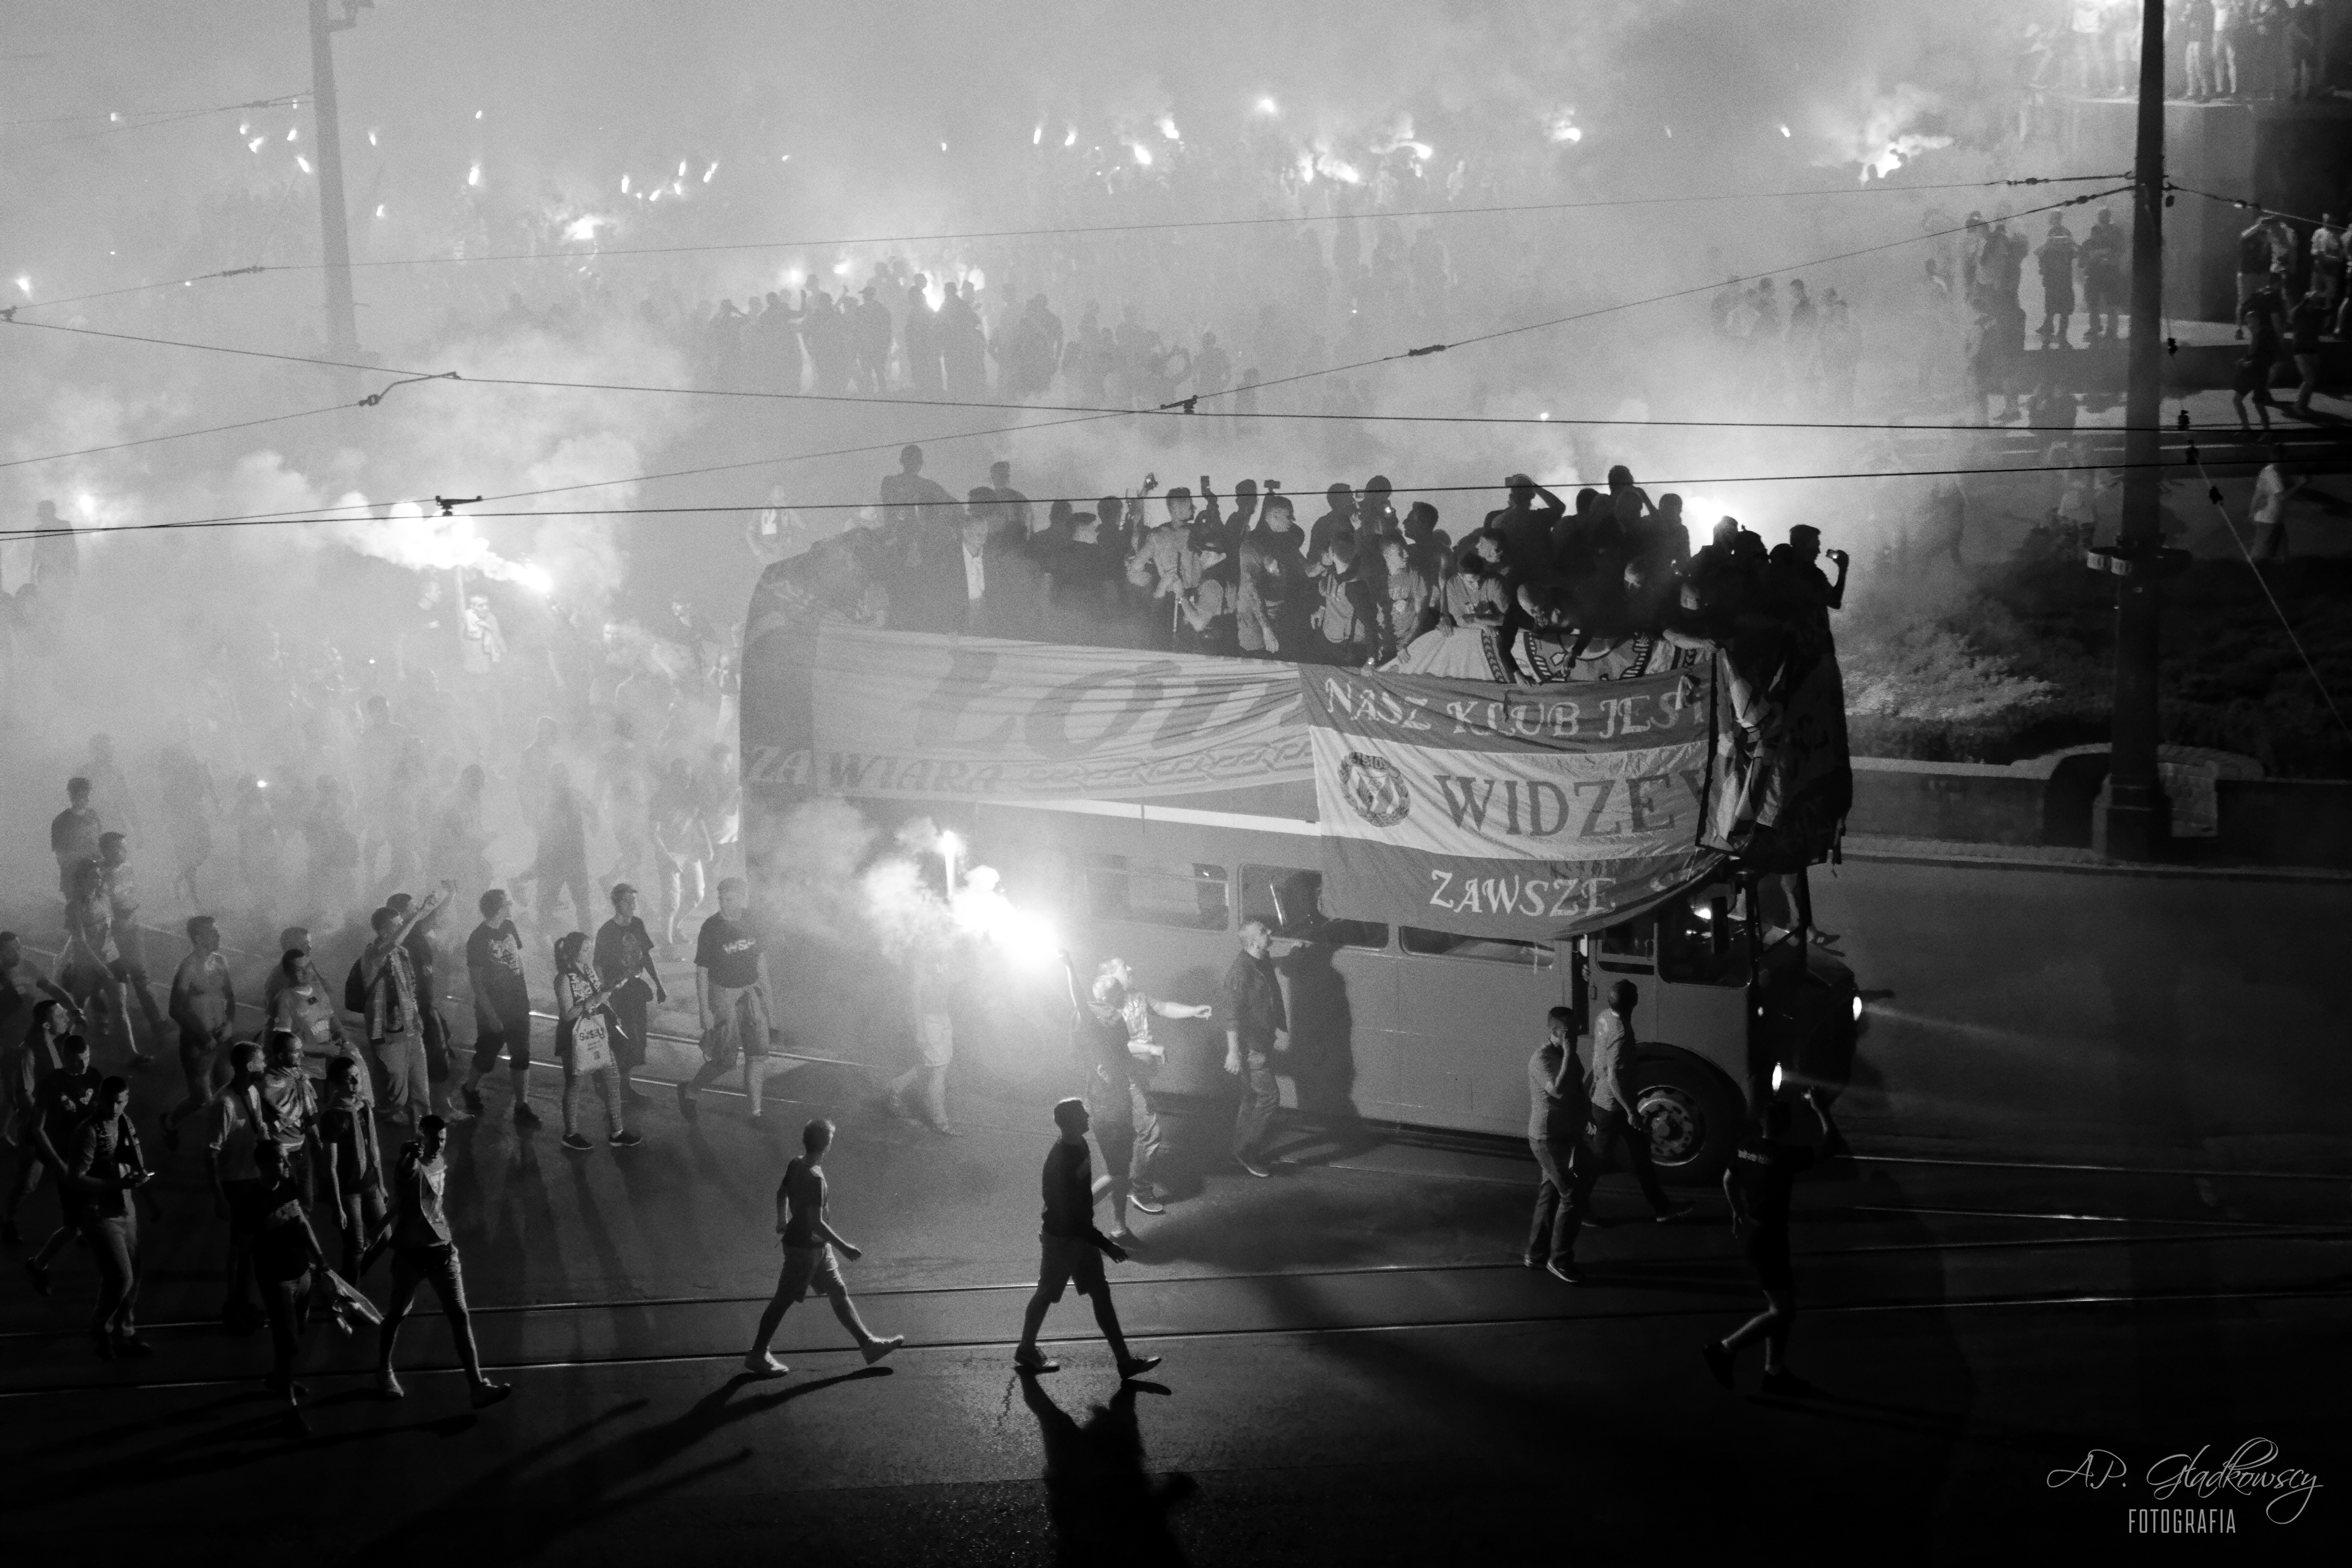 Defilada Widzew 2016 AP Gładkowscy (9)